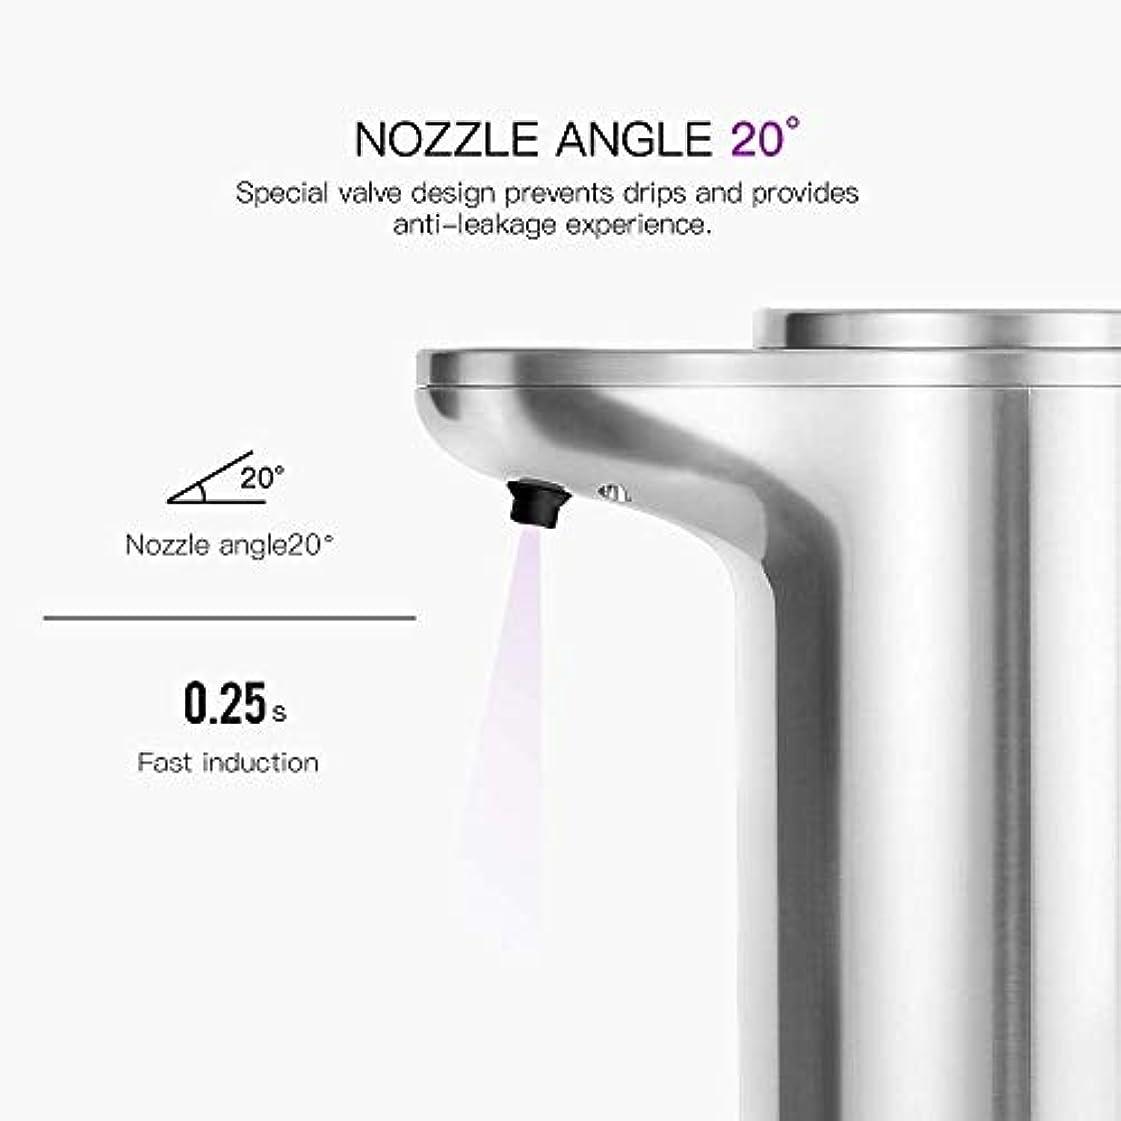 居心地の良い日常的にセミナー280ミリリットル自動発泡せっけんディスペンサー赤外線センサータッチレスサニタイザー浴室調節可能なボリュームディスペンサー用キッチン